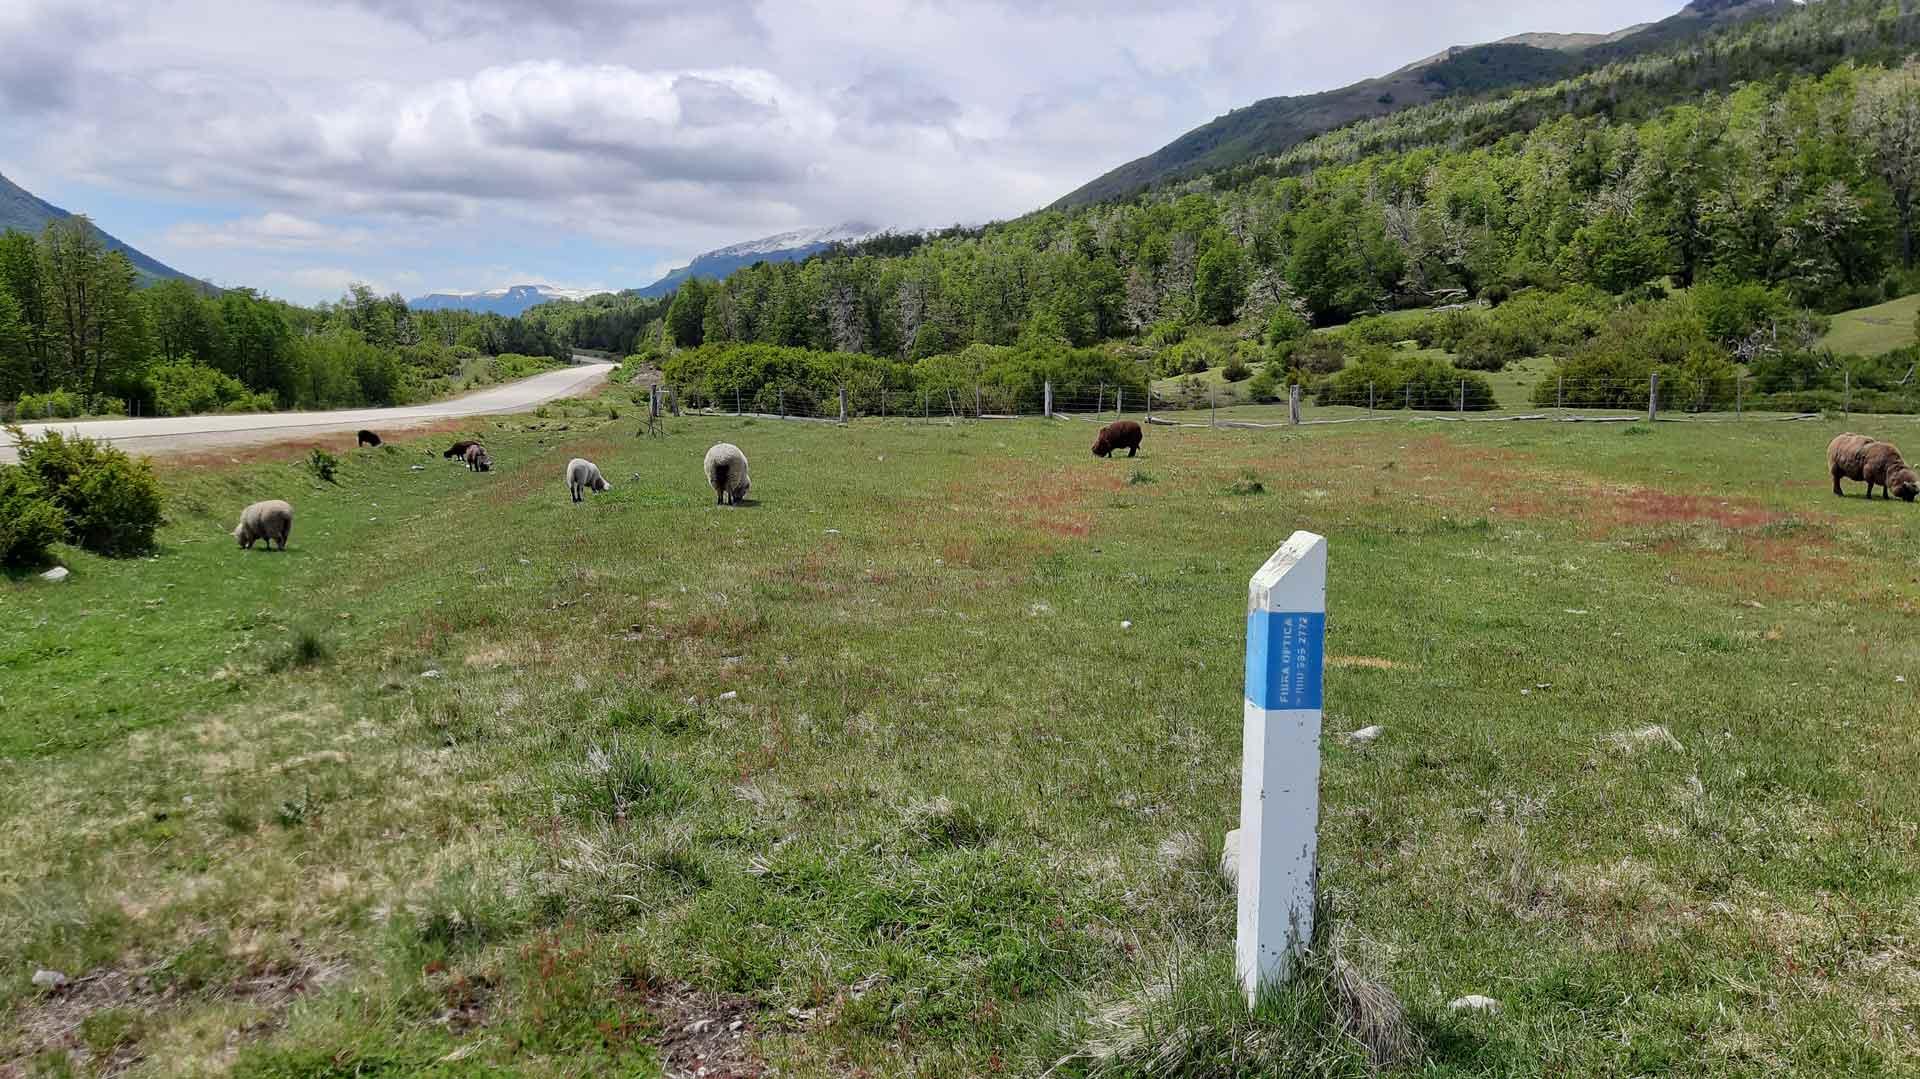 Un monolito blanco y celeste que marca el paso de la conectividad en una zona cordillerana de Neuquén, con ovejas alrededor.